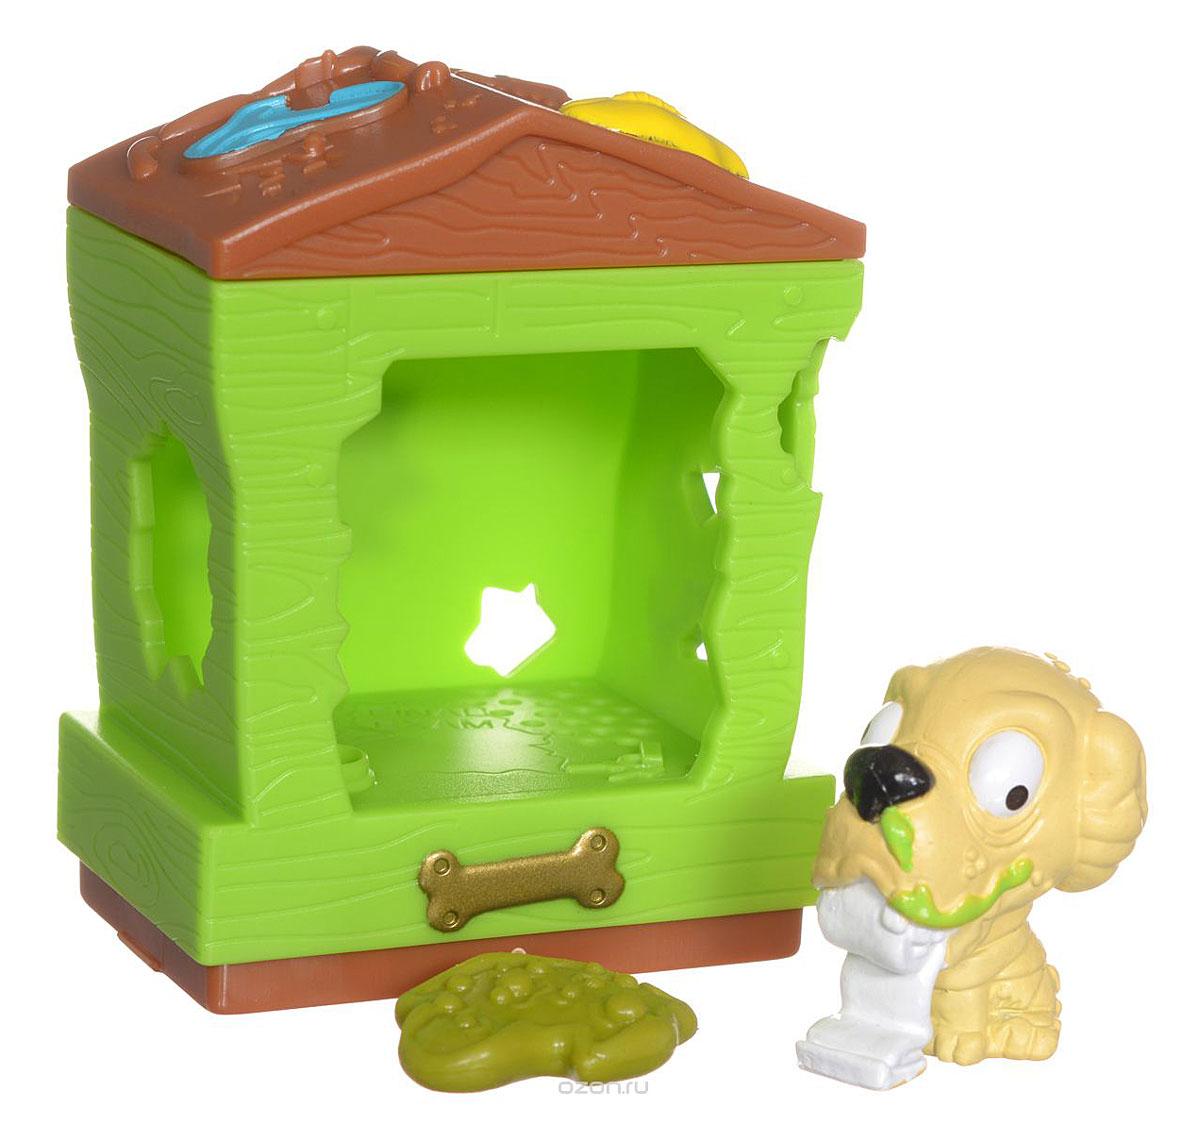 Ugglys Pet Shop Игровой набор Домик с фигуркой Doggy DumpSV3446Игровой набор из серии Хулиганские животные состоит из салатового домика со звуковыми эффектами и уникальной фигурки питомца-собачки, которую нельзя найти в других упаковках и наборах серии. Домик выполнен в ярких цветах и притягивает взгляд. Если внутри него поместить мини-фигурку животного и надавить на пол - будут раздаваться звуки. В ассортименте представлено 6 домиков, которые можно состыковать один с другим и построить большой зоомагазин с эксклюзивными животными. Такая удивительная игрушка обязательно понравится вашей малышке! Порадуйте ее таким замечательным подарком! Для работы требуются 2 батарейки типа LR44 (комплектуется демонстрационными).